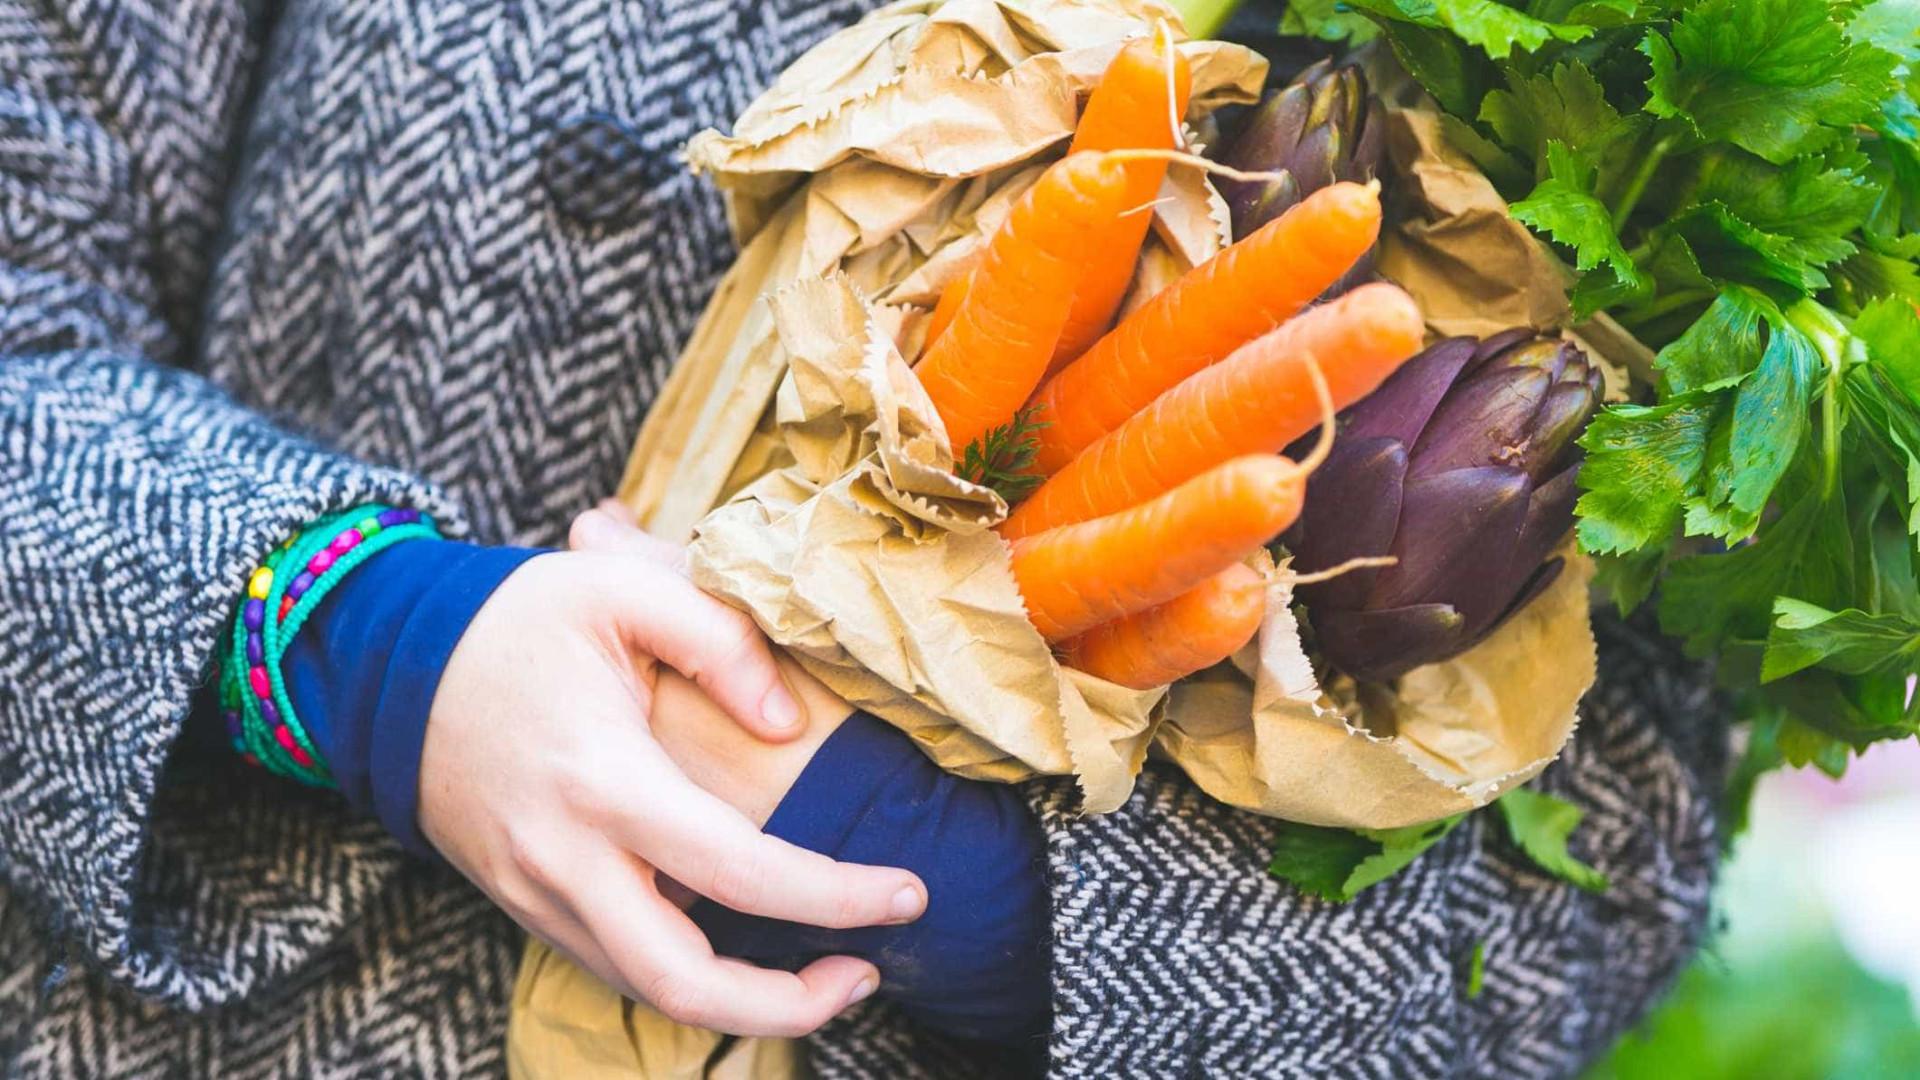 Dia Mundial do Ambiente. Comecemos por uma alimentação mais sustentável